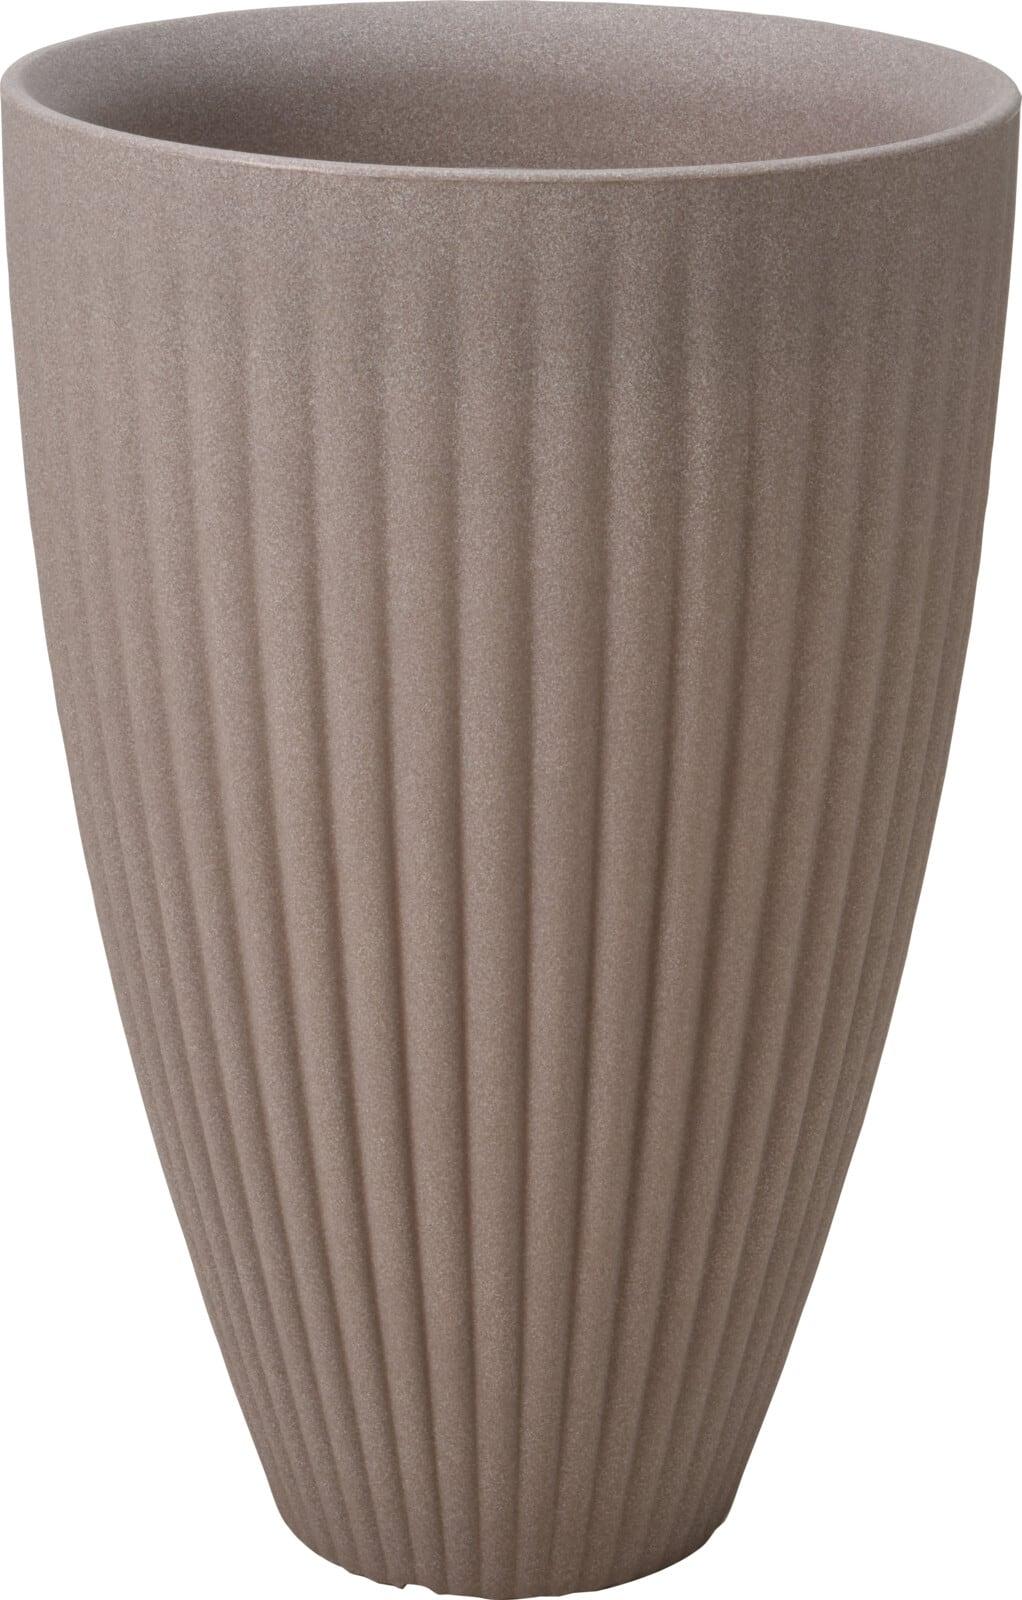 4Goodz Bloempot Rond voor buiten Rome hoog - 40x60 cm - Taupe